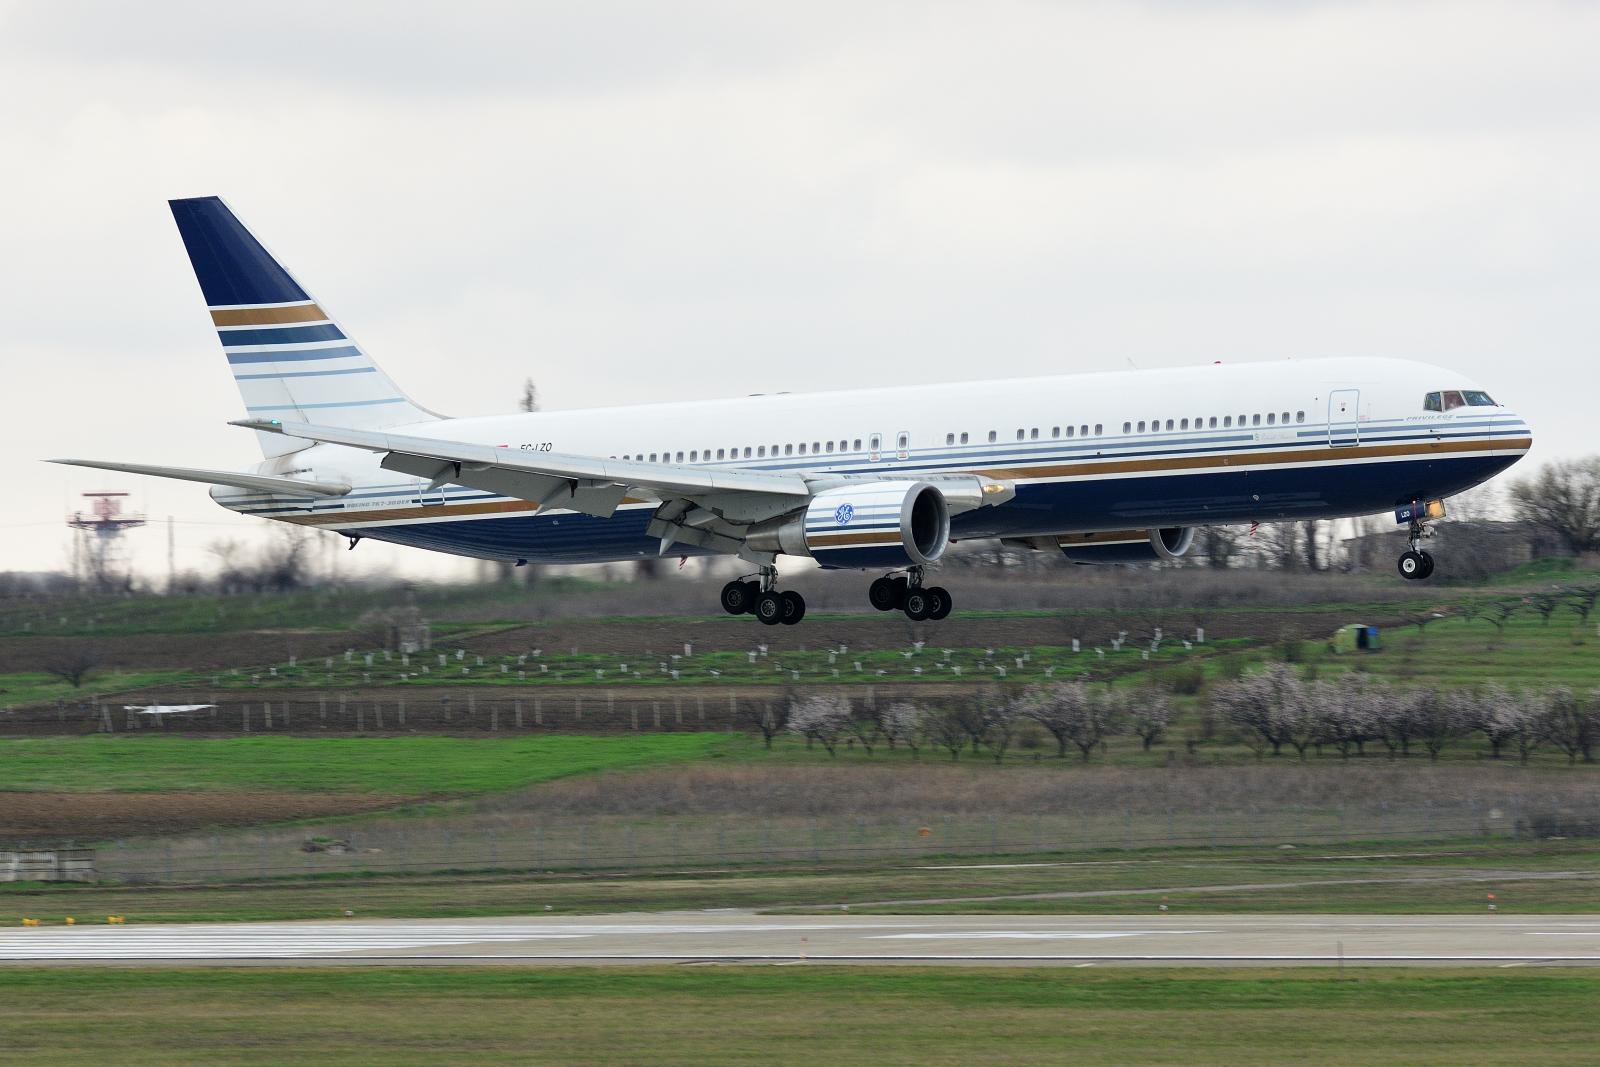 Boeing 767, EC-LZO